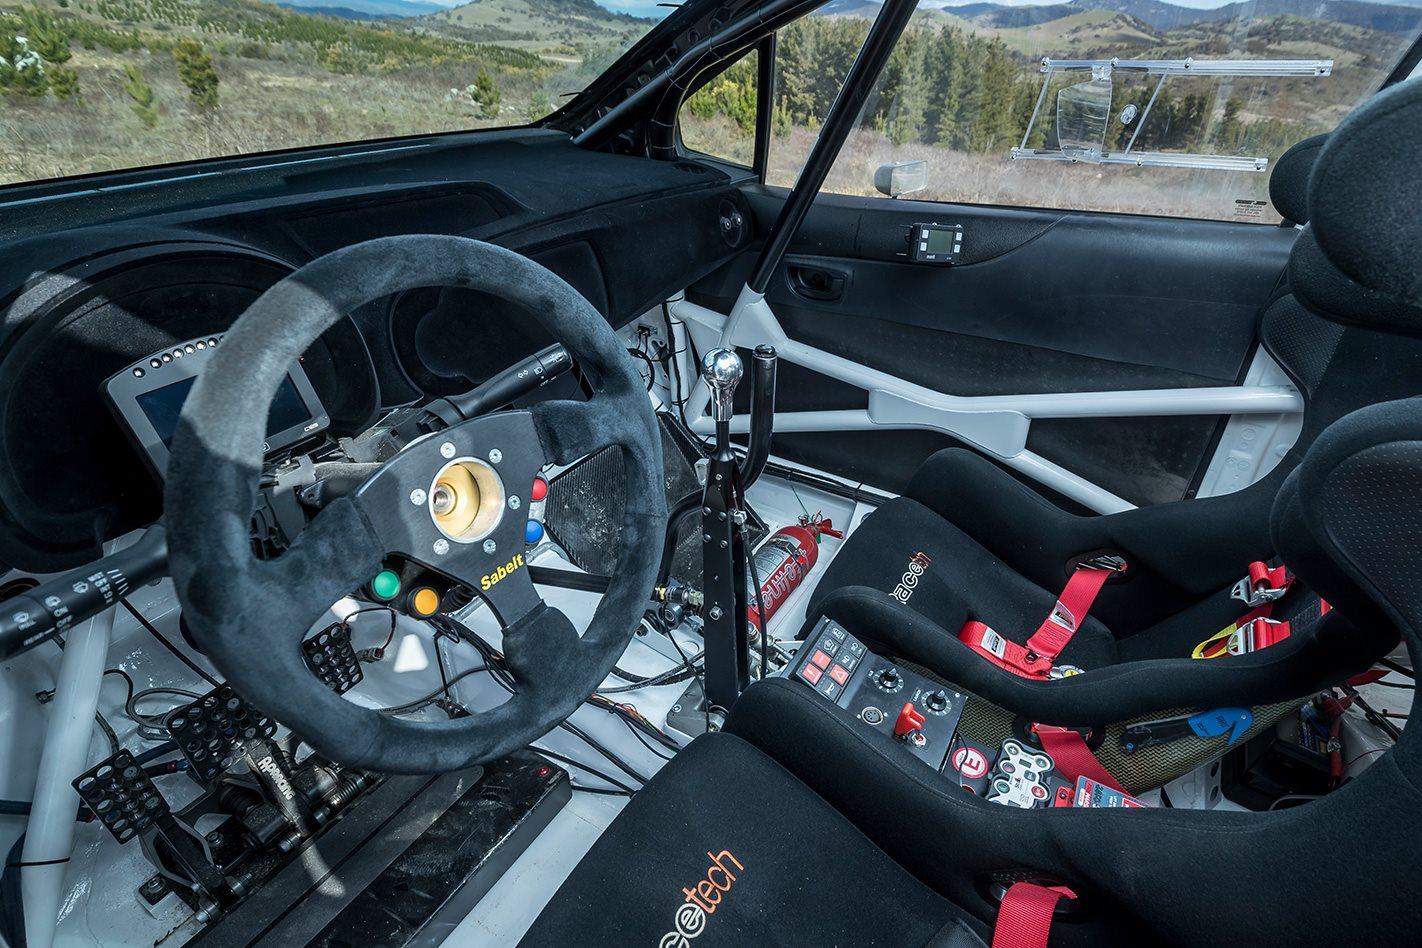 New Toyota Yaris Ap4 Rally Car Debuts At Arc